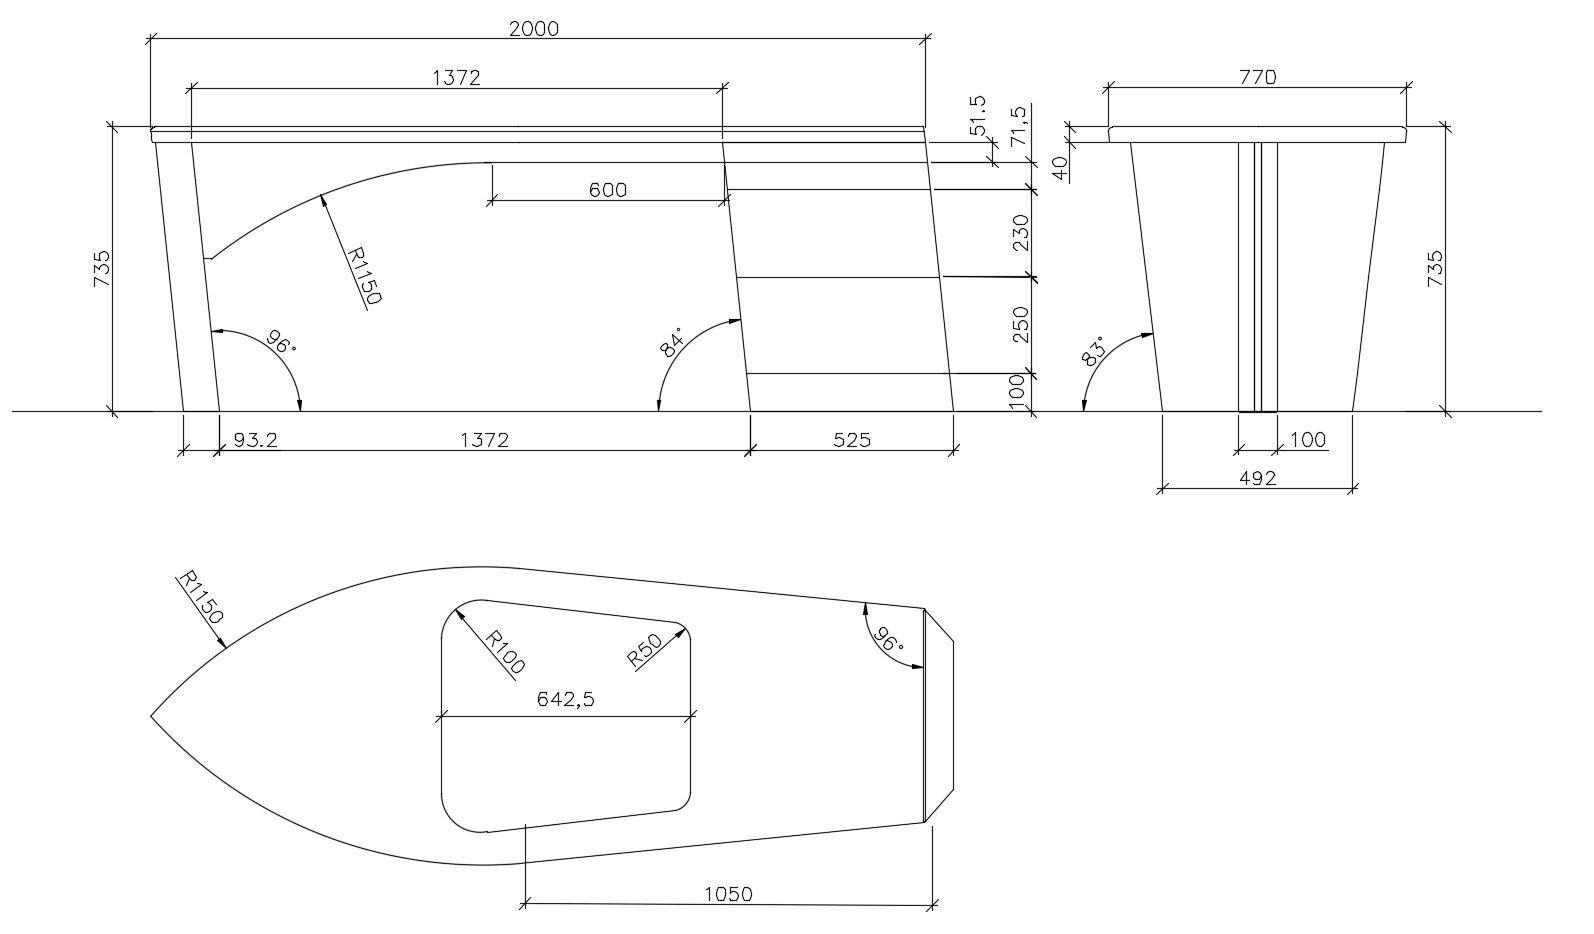 kippmoment gegengewicht berechnen f r einen schreibtisch. Black Bedroom Furniture Sets. Home Design Ideas